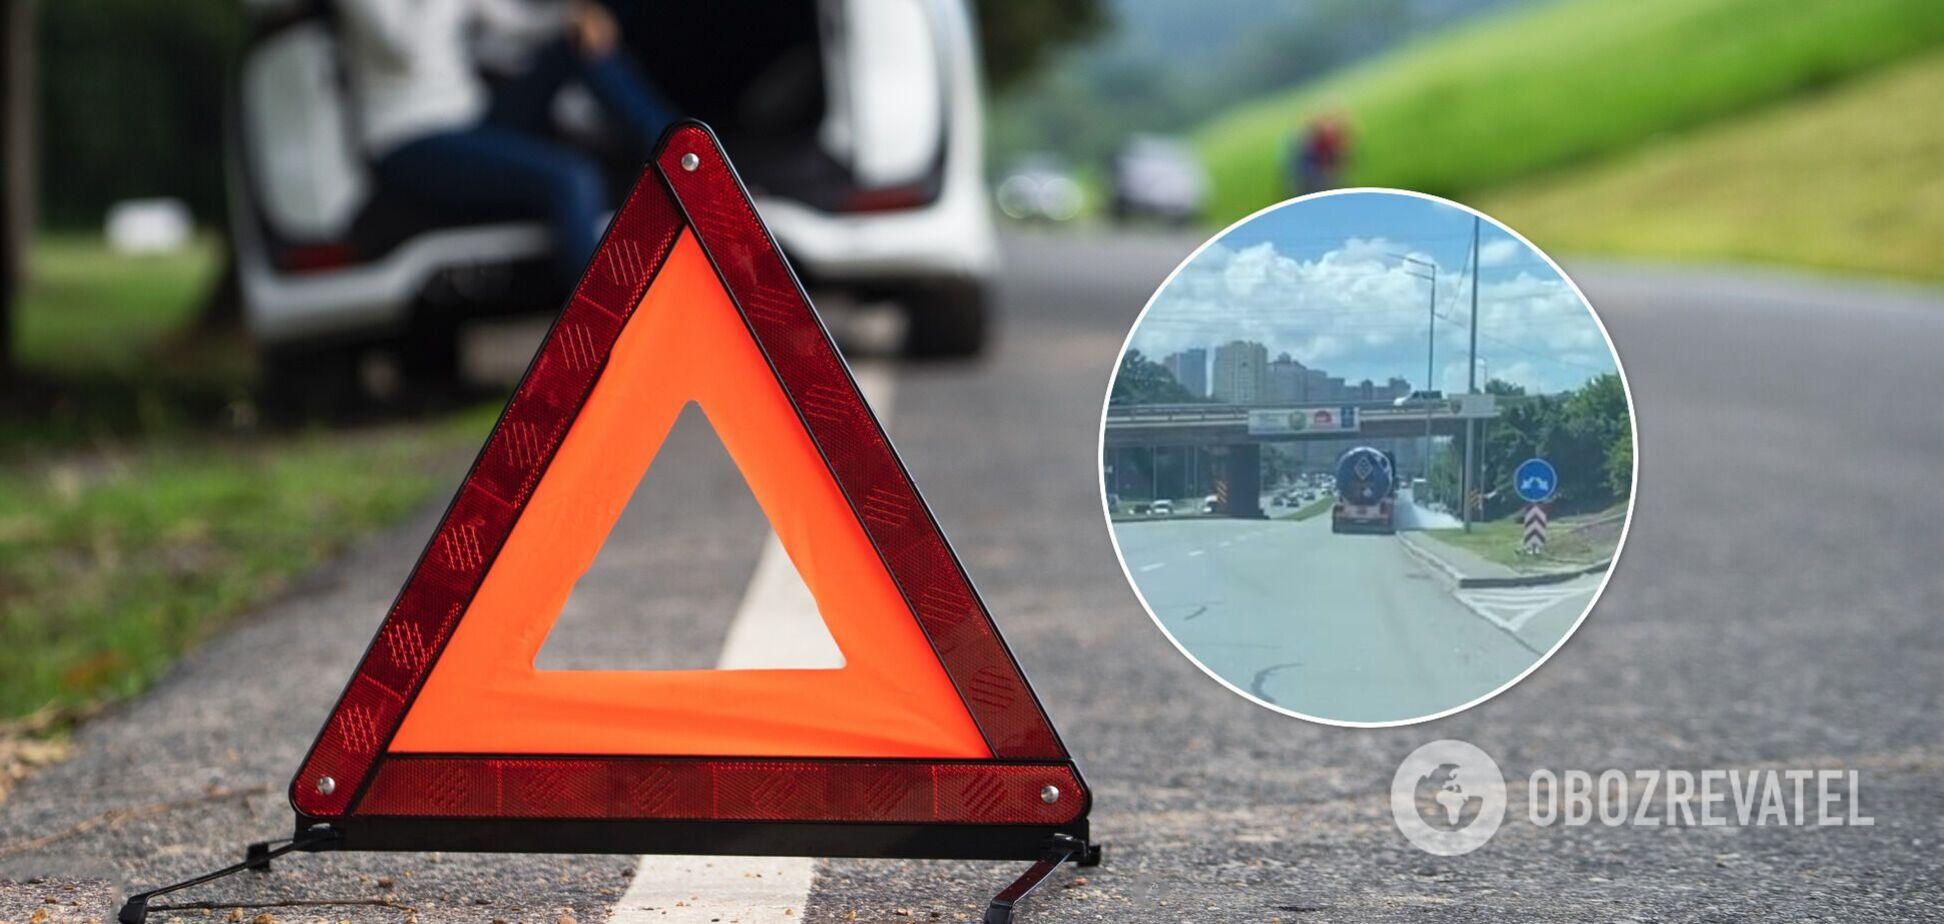 Инцидент произошел на улице Саперно-Слободской